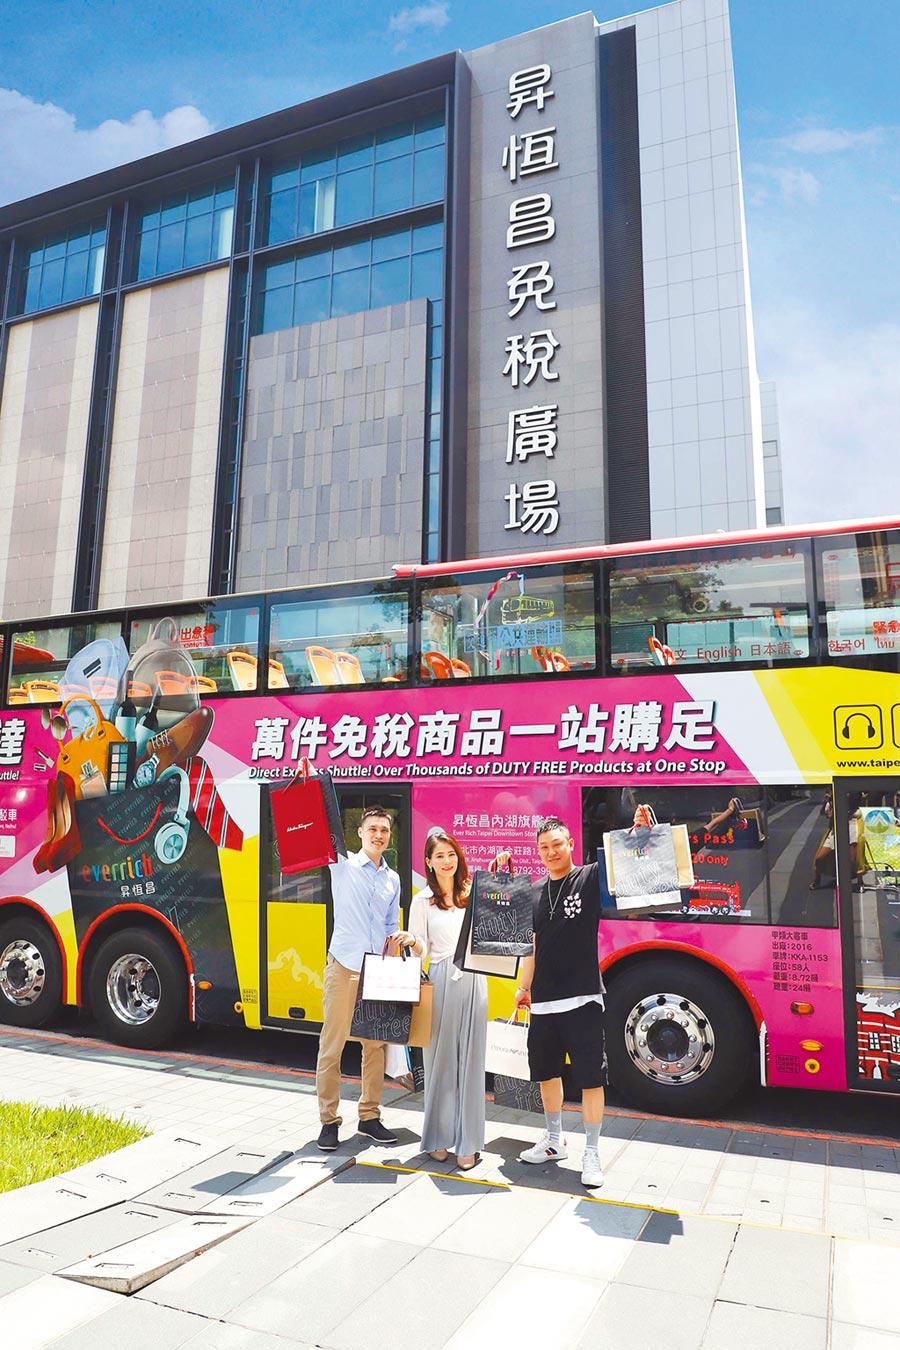 昇恆昌內湖旗艦店45天內免稅 購物超方便